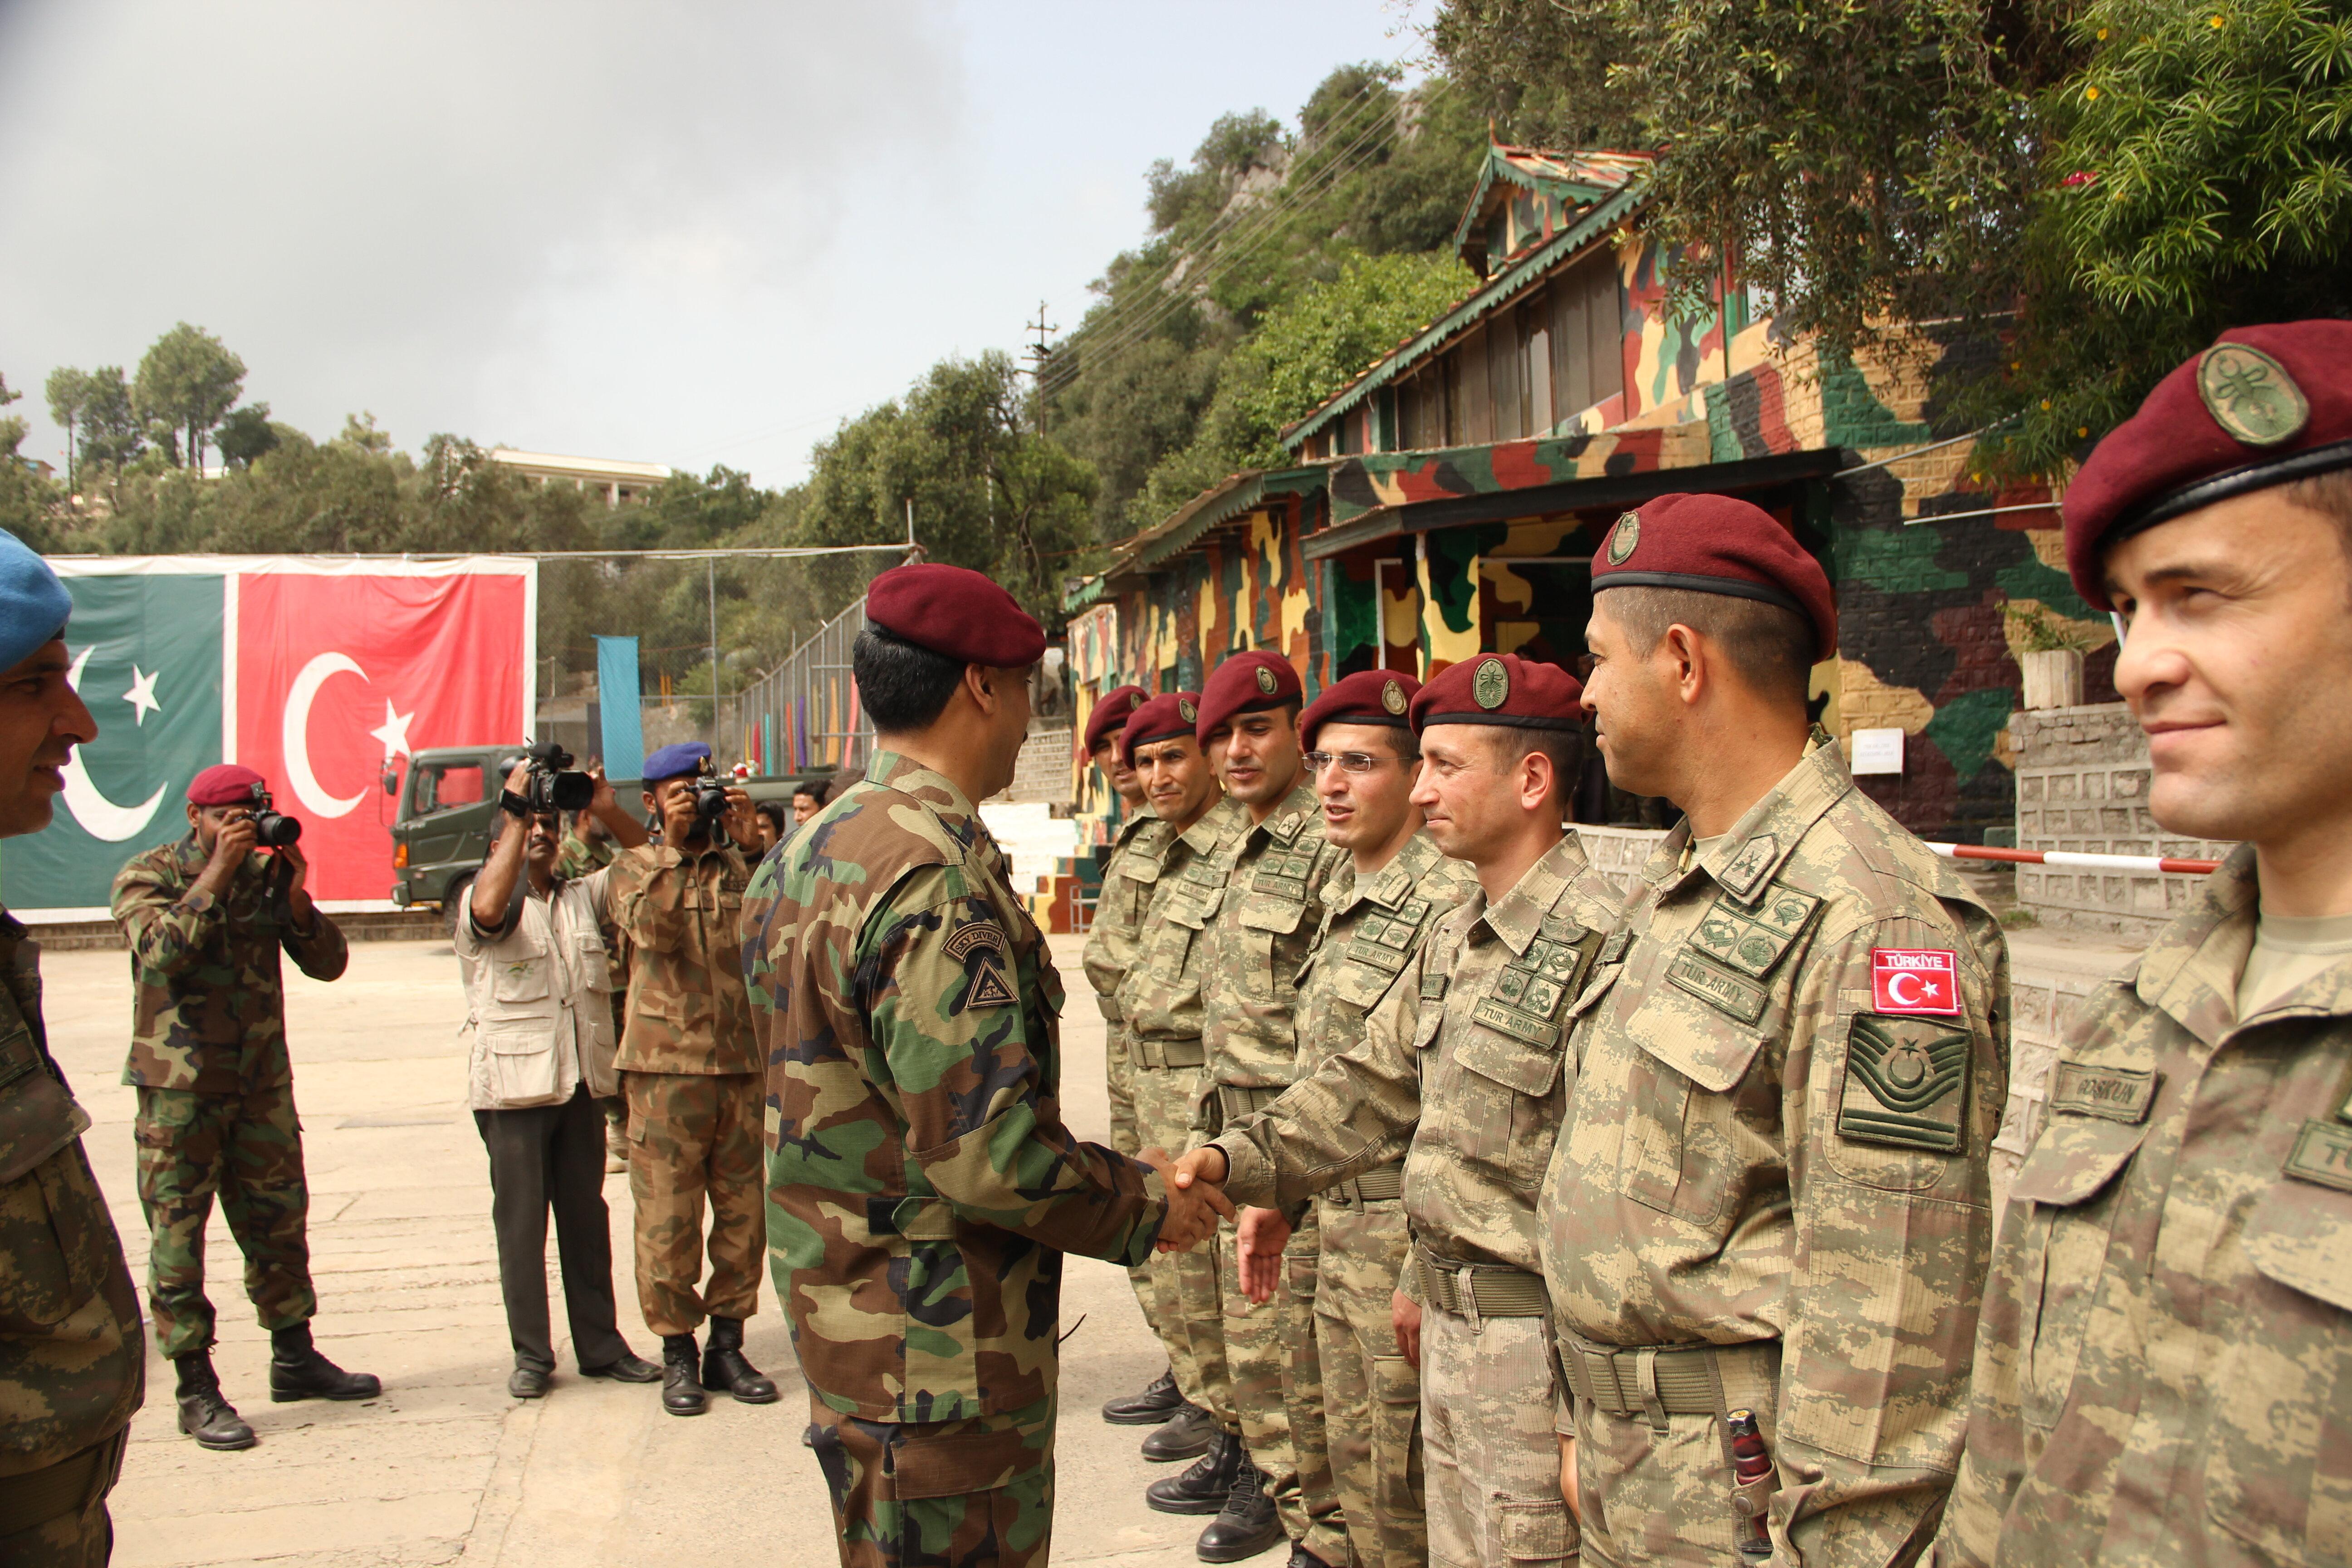 Tatbikatın sonunda dönemin Pakistan Özel Kuvvetler Komutanı, gösterdiği başarıdan dolayı Halisdemir'i tebrik ederek kendisine brövesini takmıştı.